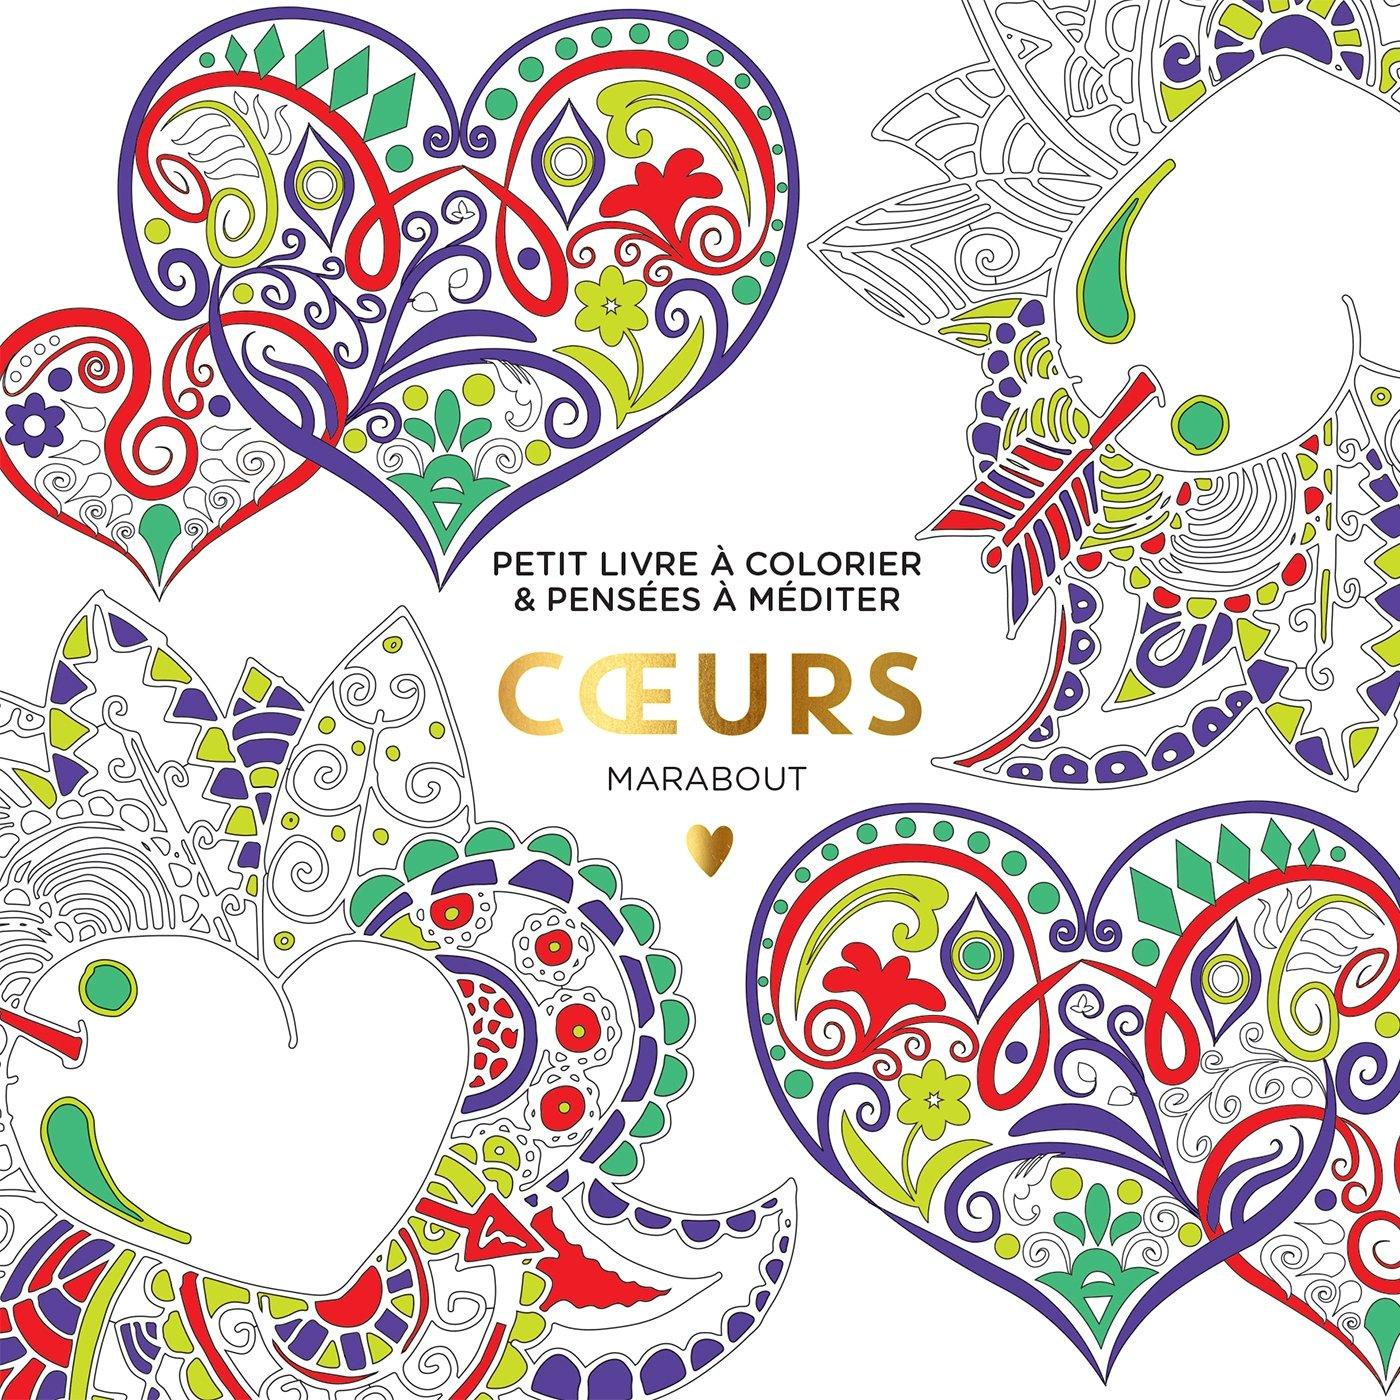 Le Petit Livre Du Coloriage Coeurs Amazon Fr Collectif Livres